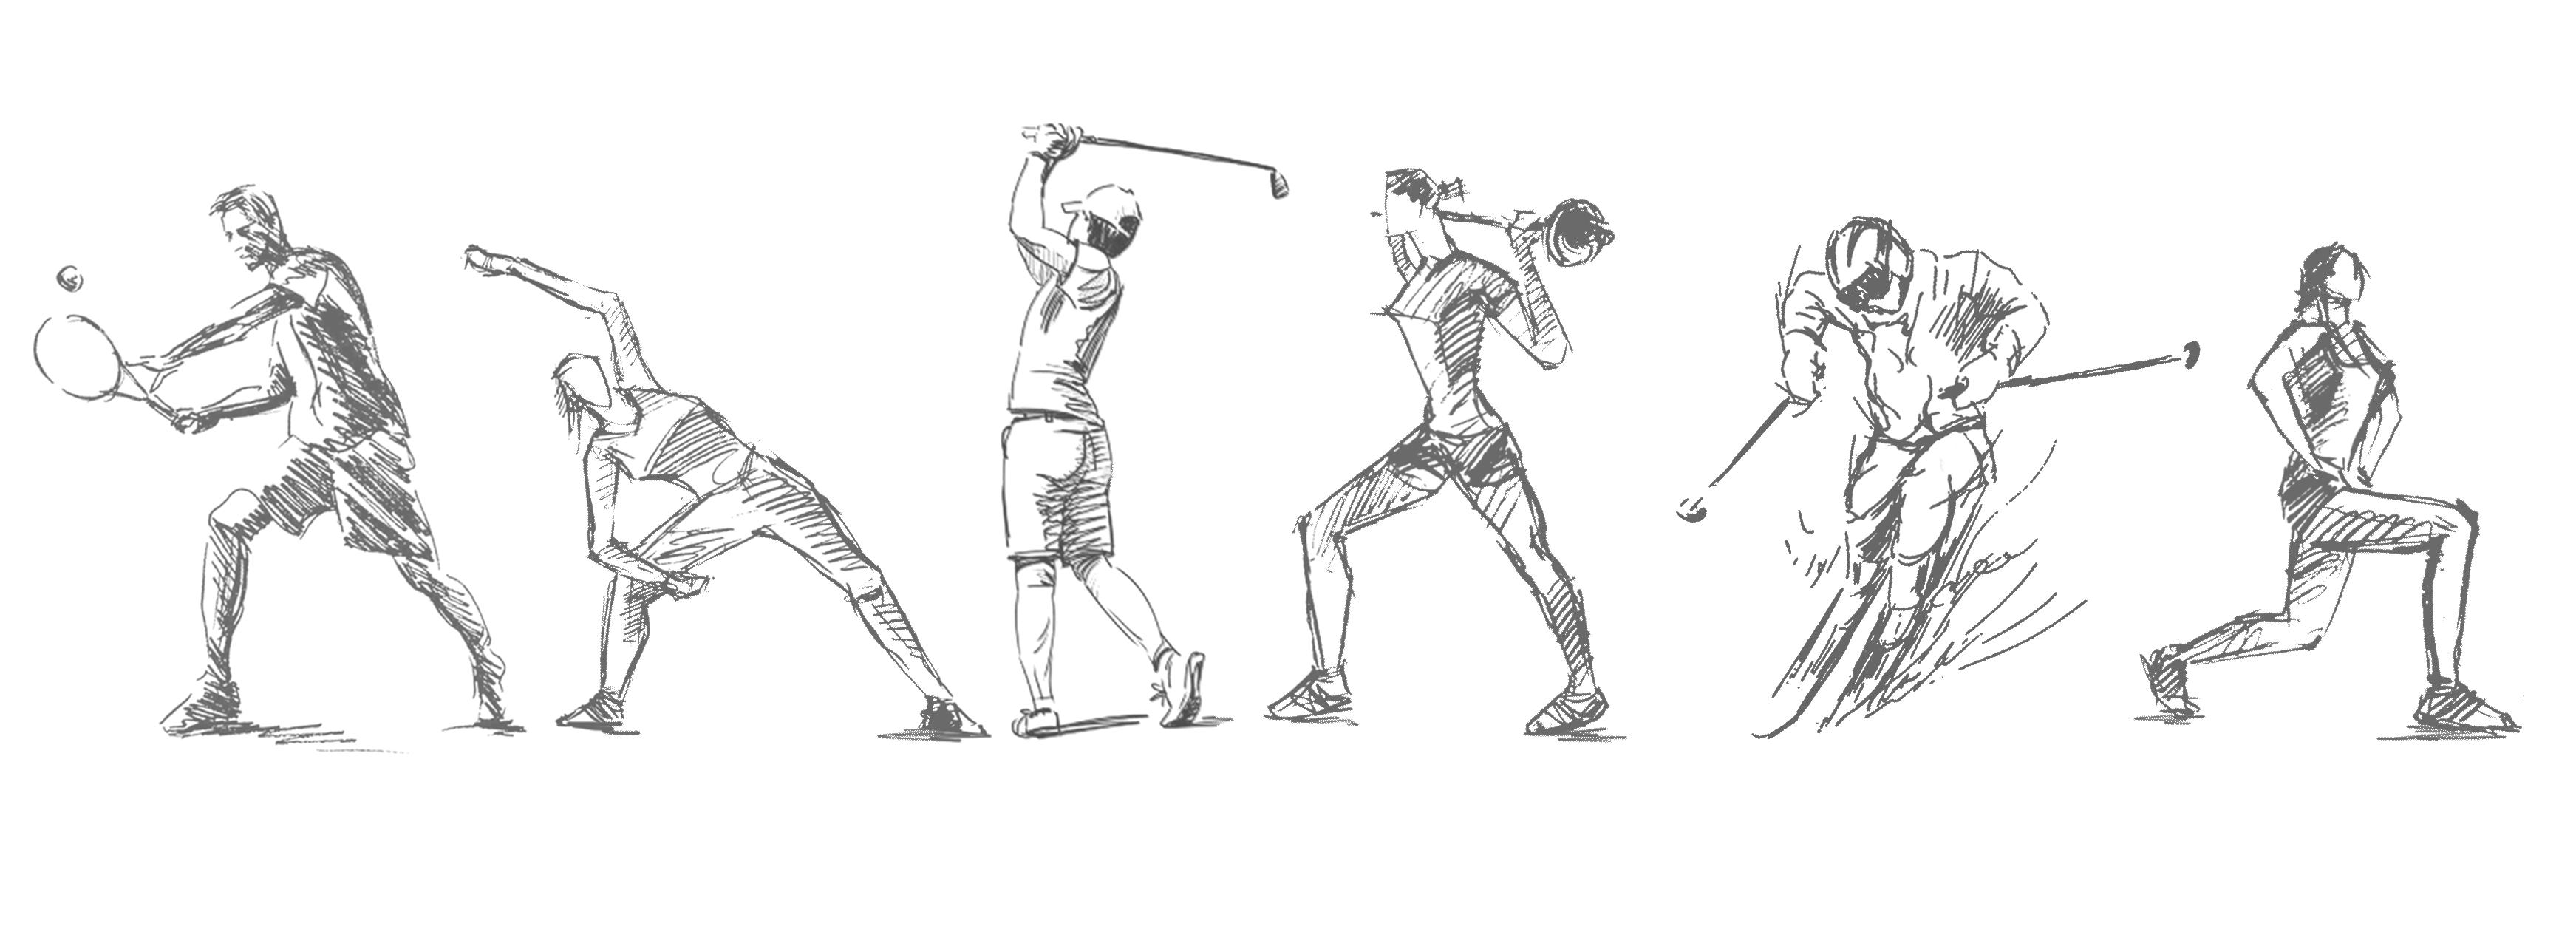 rééducation fonctionnelle globale et ludique - imoove sport performance - plateforme kine